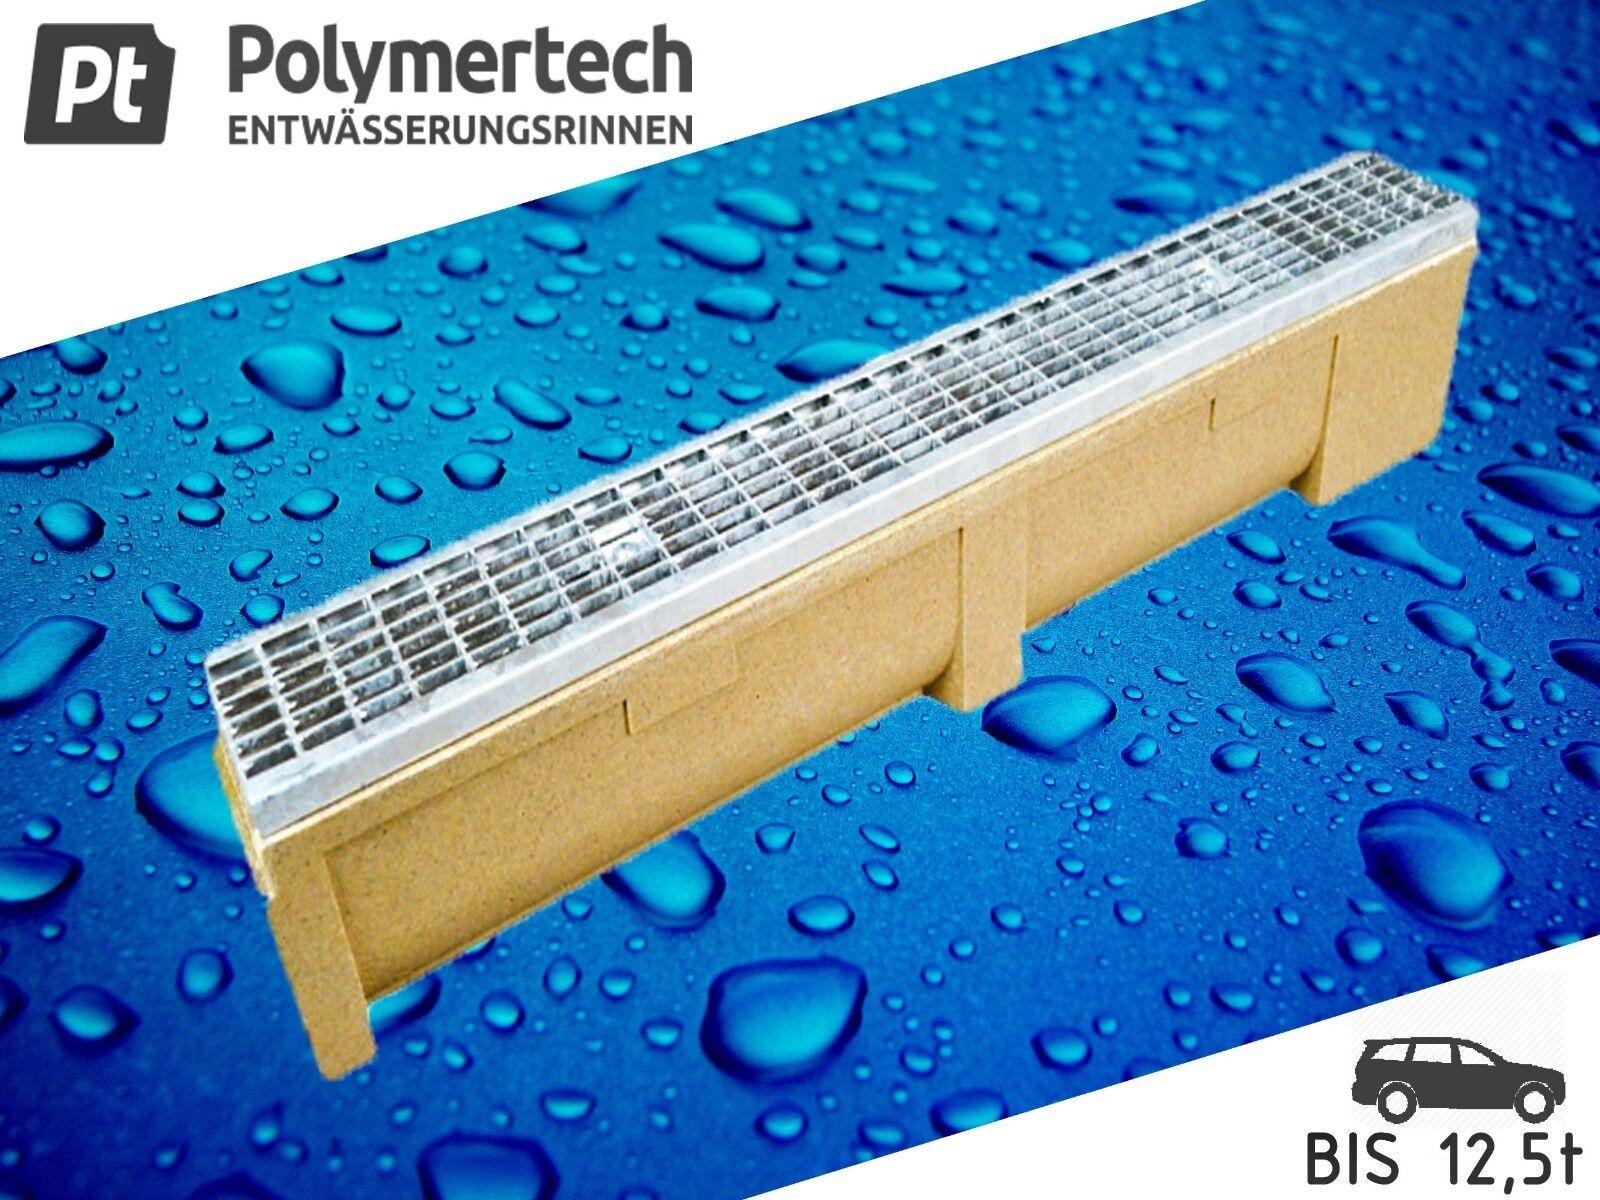 Polymerbeton Entwässerungsrinne inkl.Maschenrost verzinkt kl.B-125 bis 12.5t